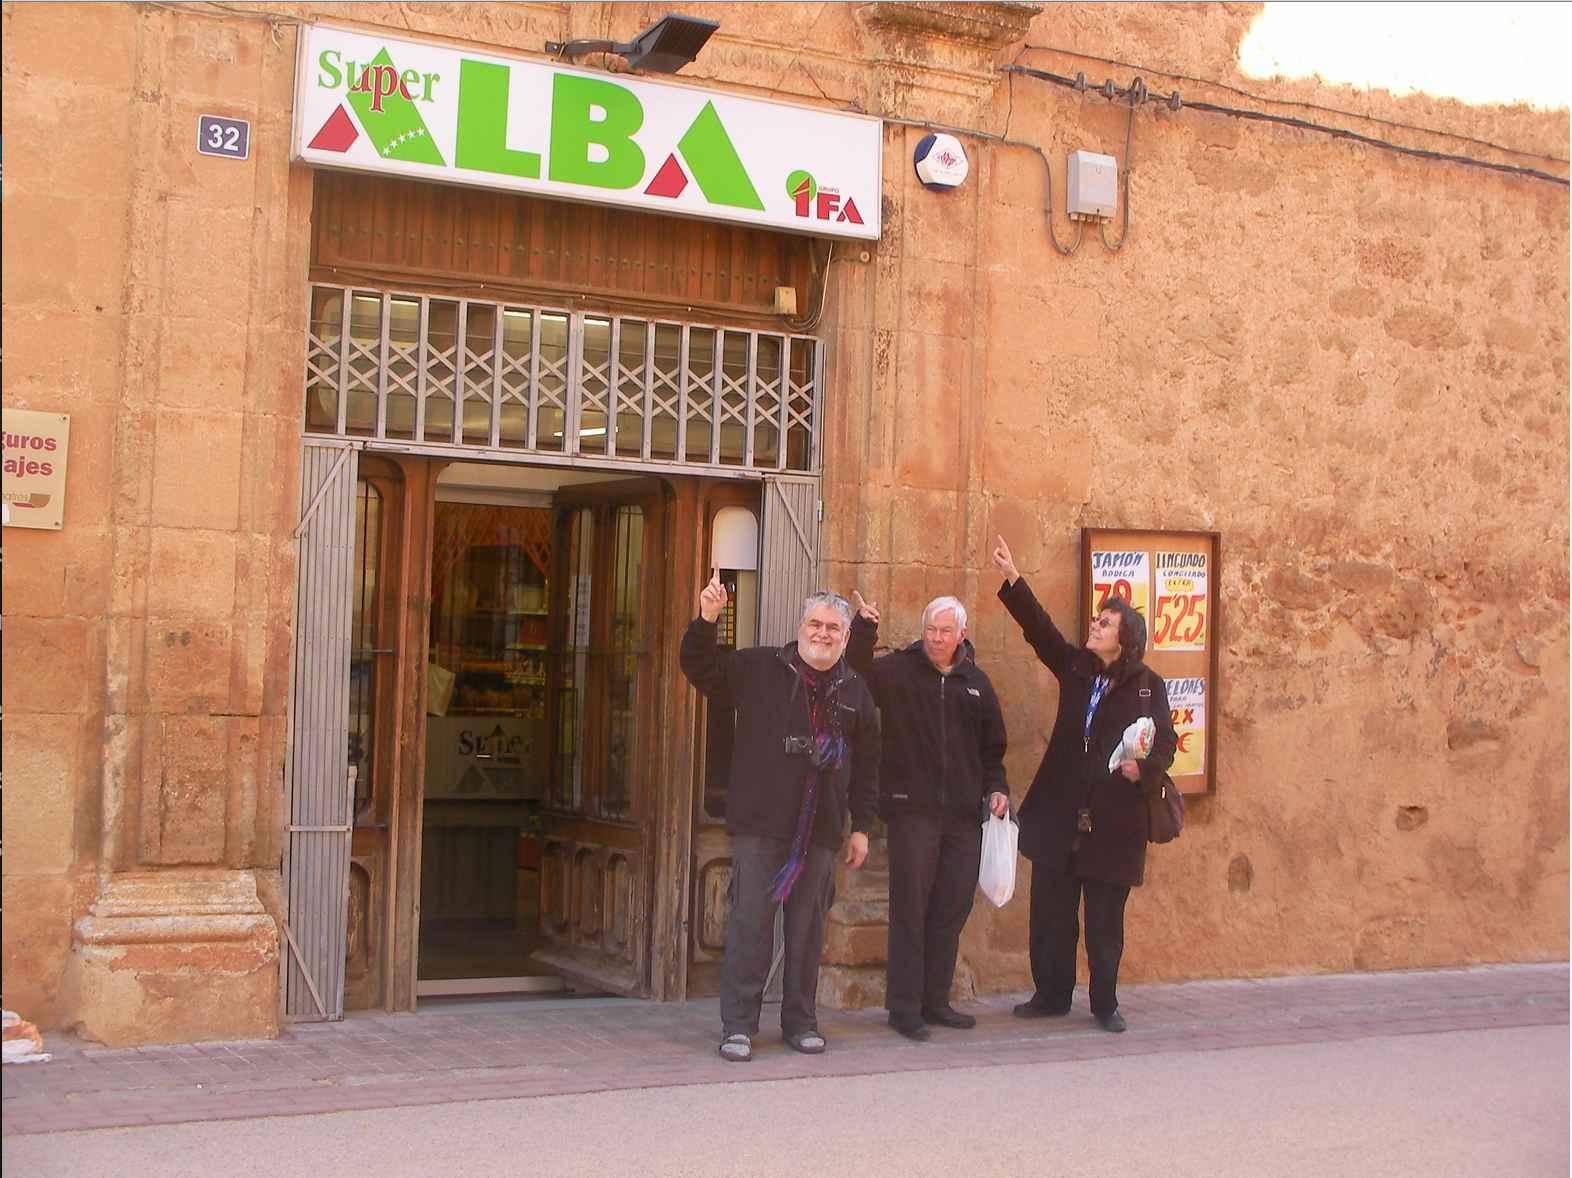 ALBA Villaneuva de la Jara